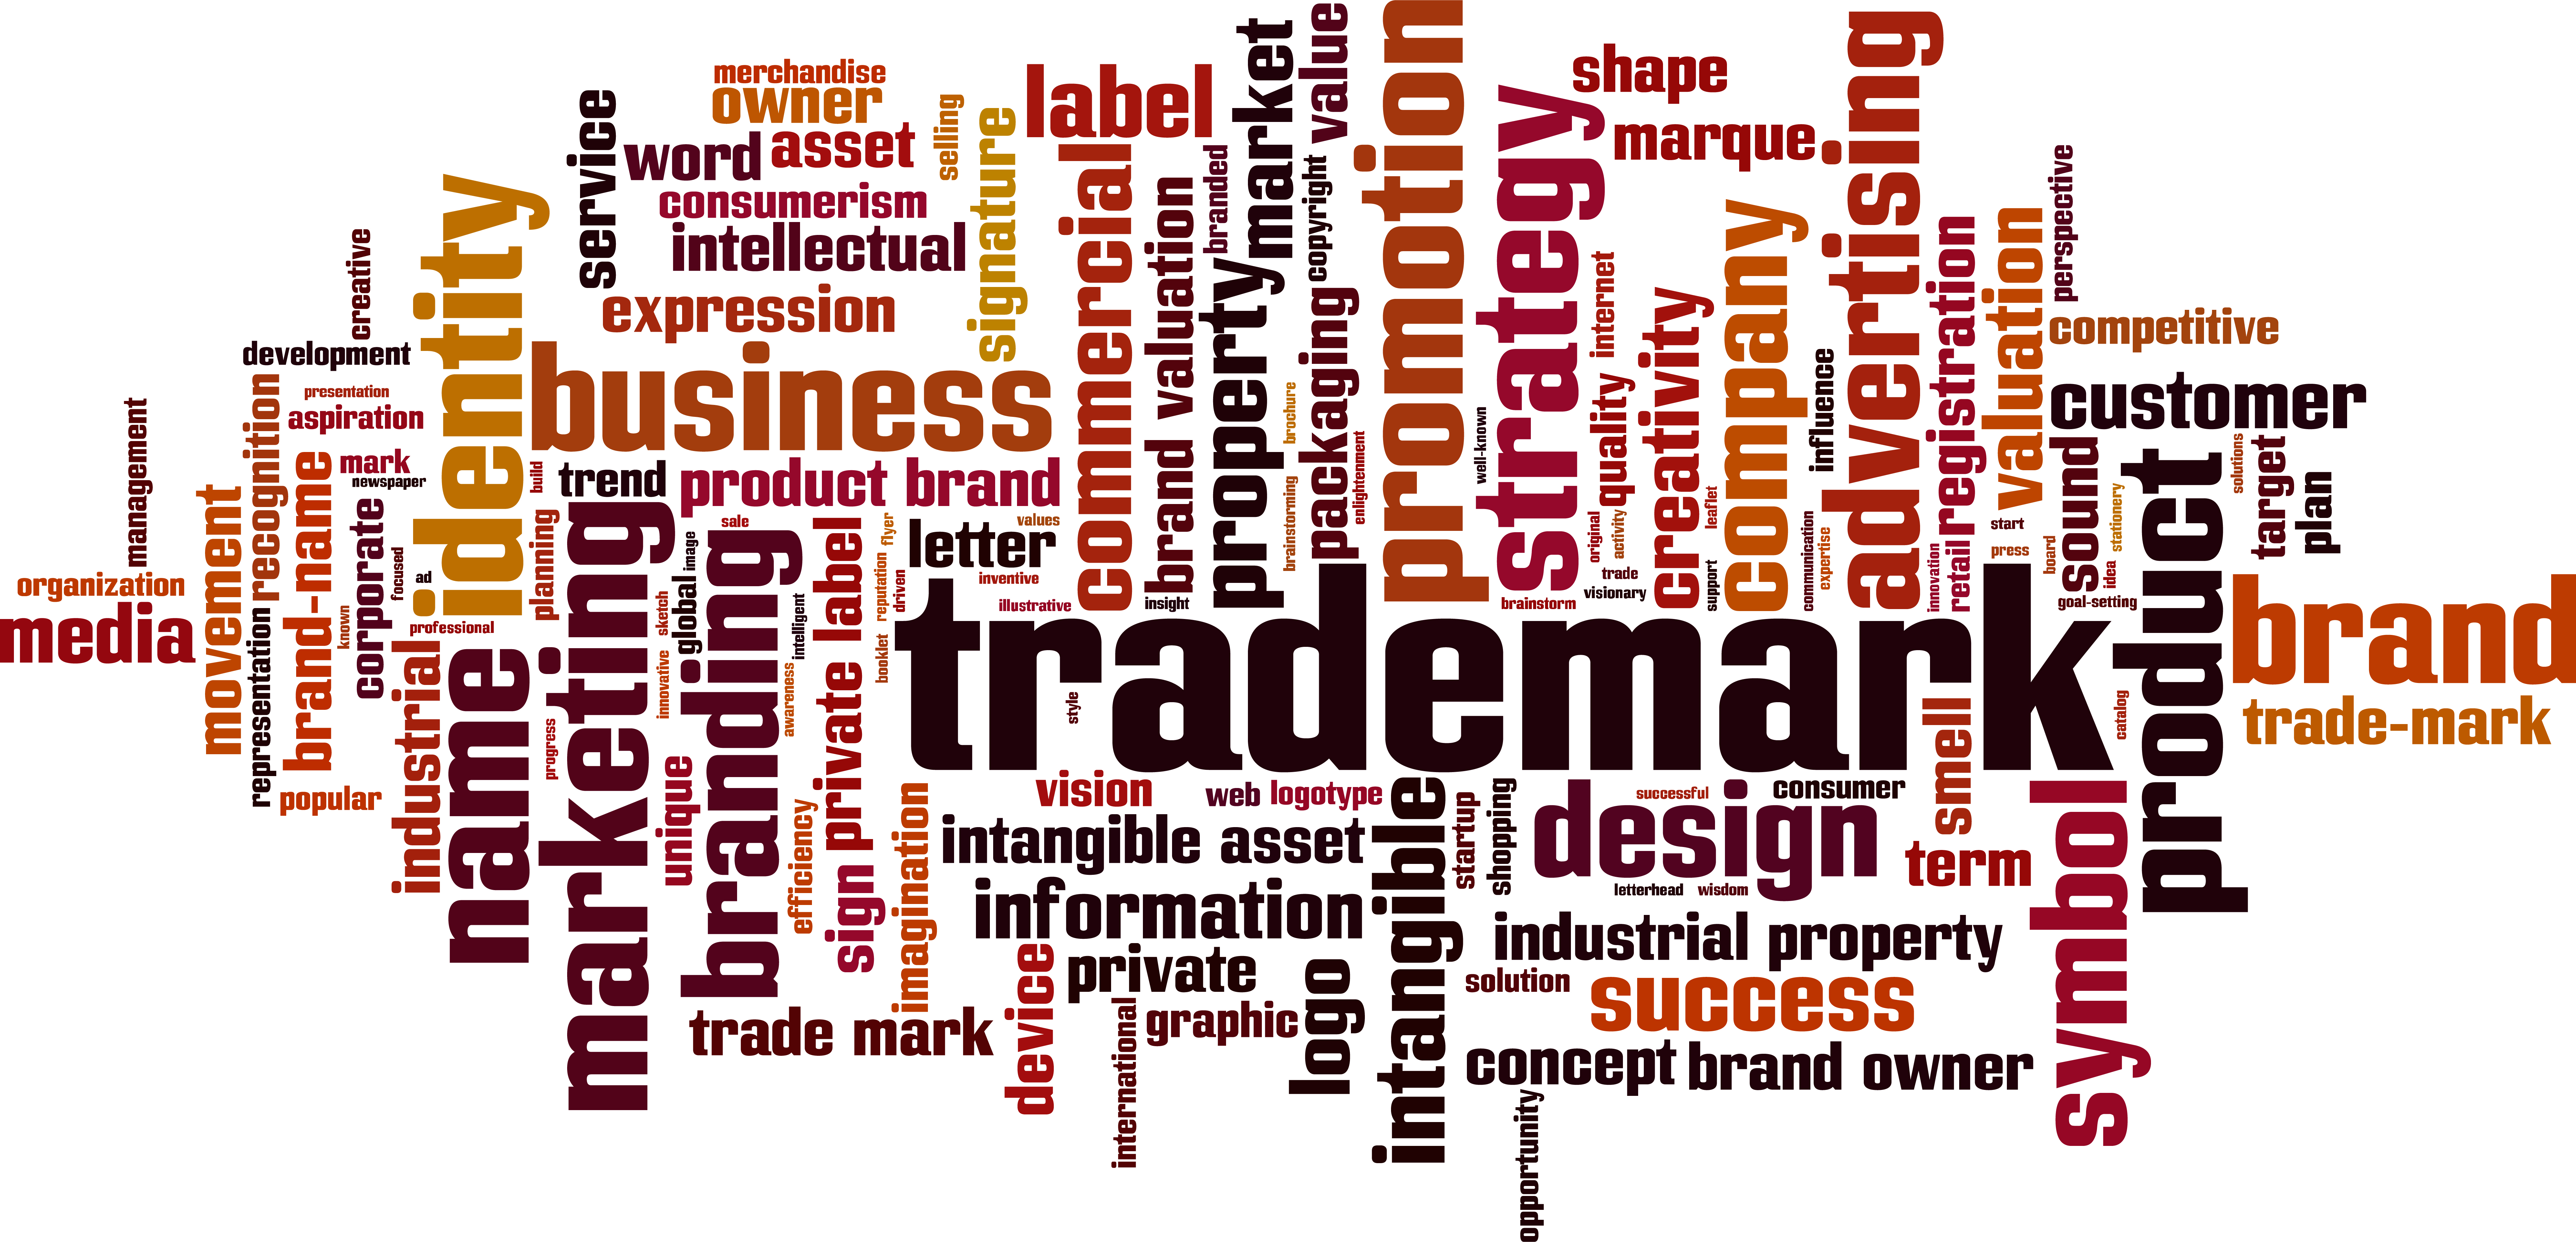 photodune-14580986-trademark-word-cloud-concept-xxl